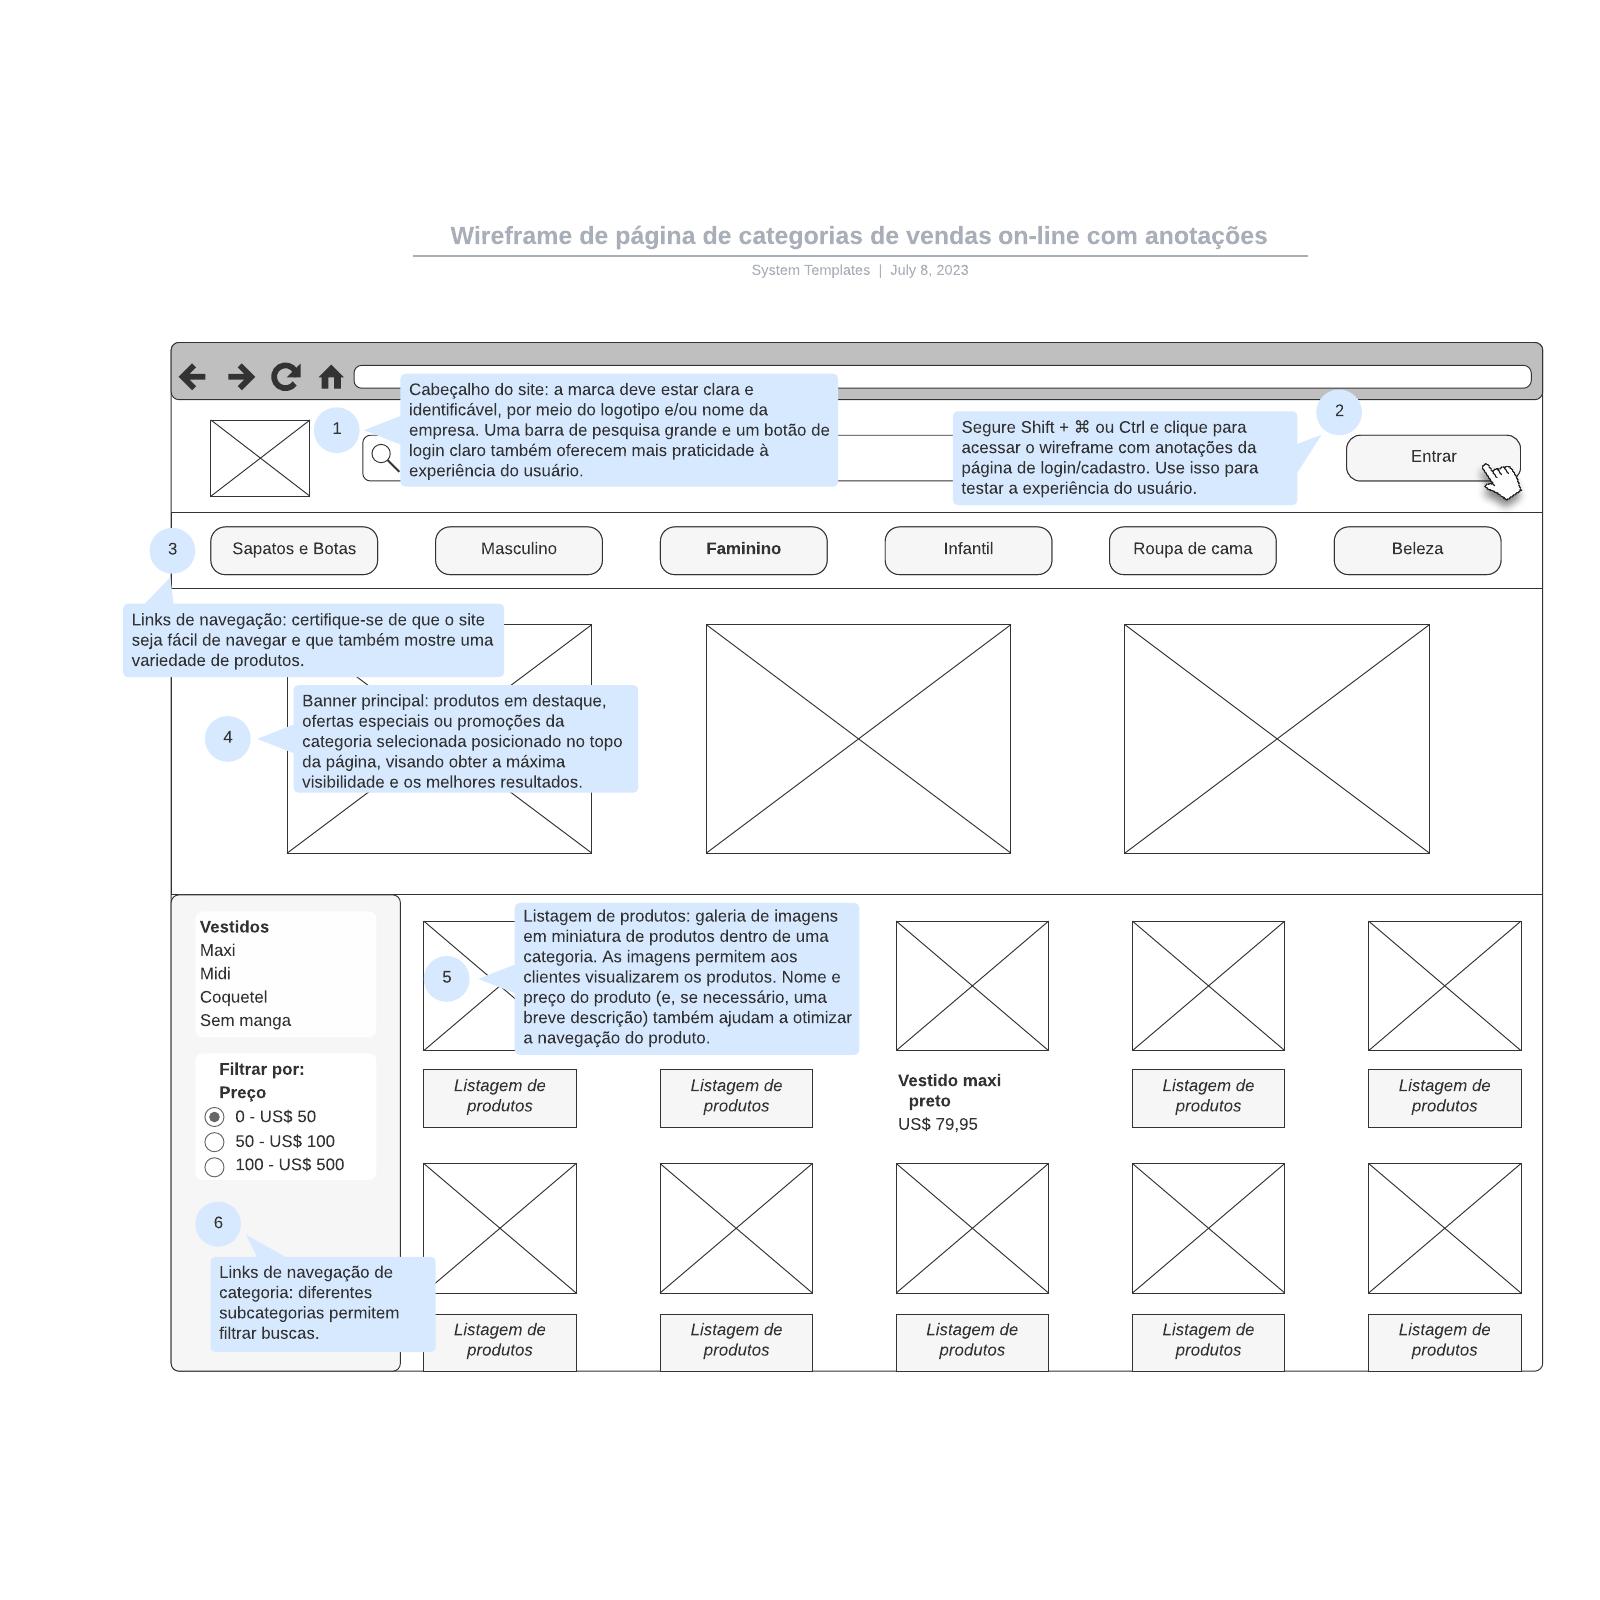 Wireframe de página de categorias de vendas on-line com anotações